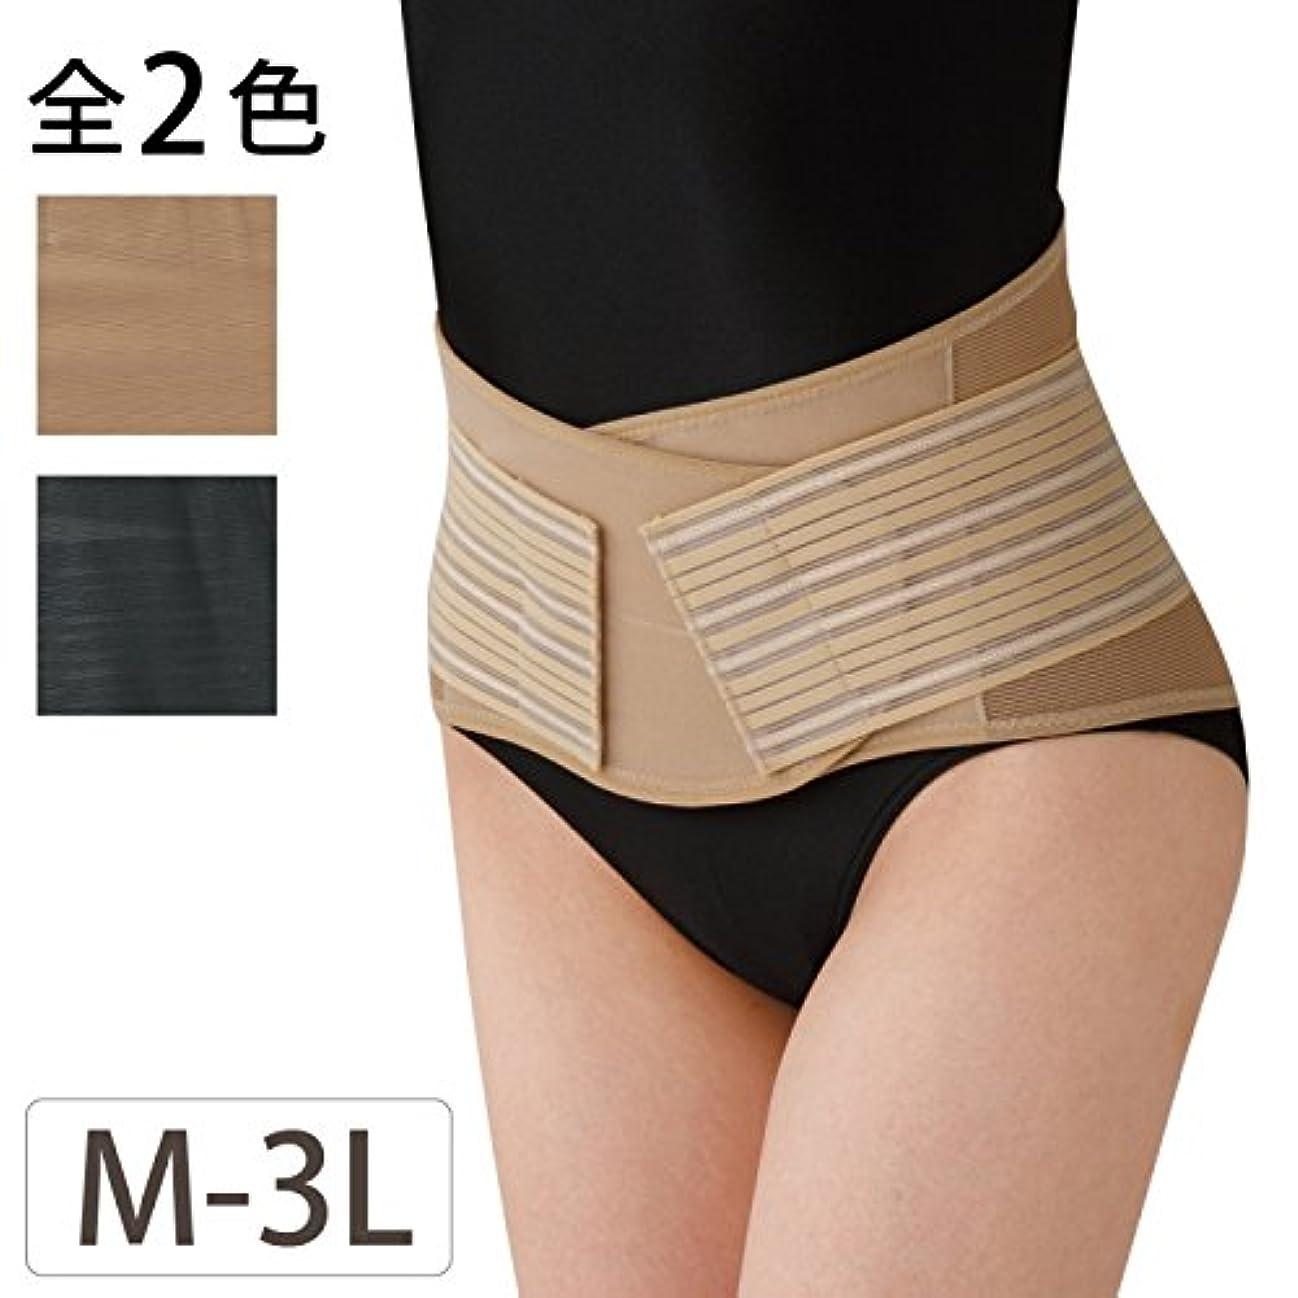 祭司大使館やさしく骨盤ベルト 腰痛ベルト ウエストベルト 薄くても腰をしっかり支えるコルセット M-3L 全2色(ブラック LL-3L)